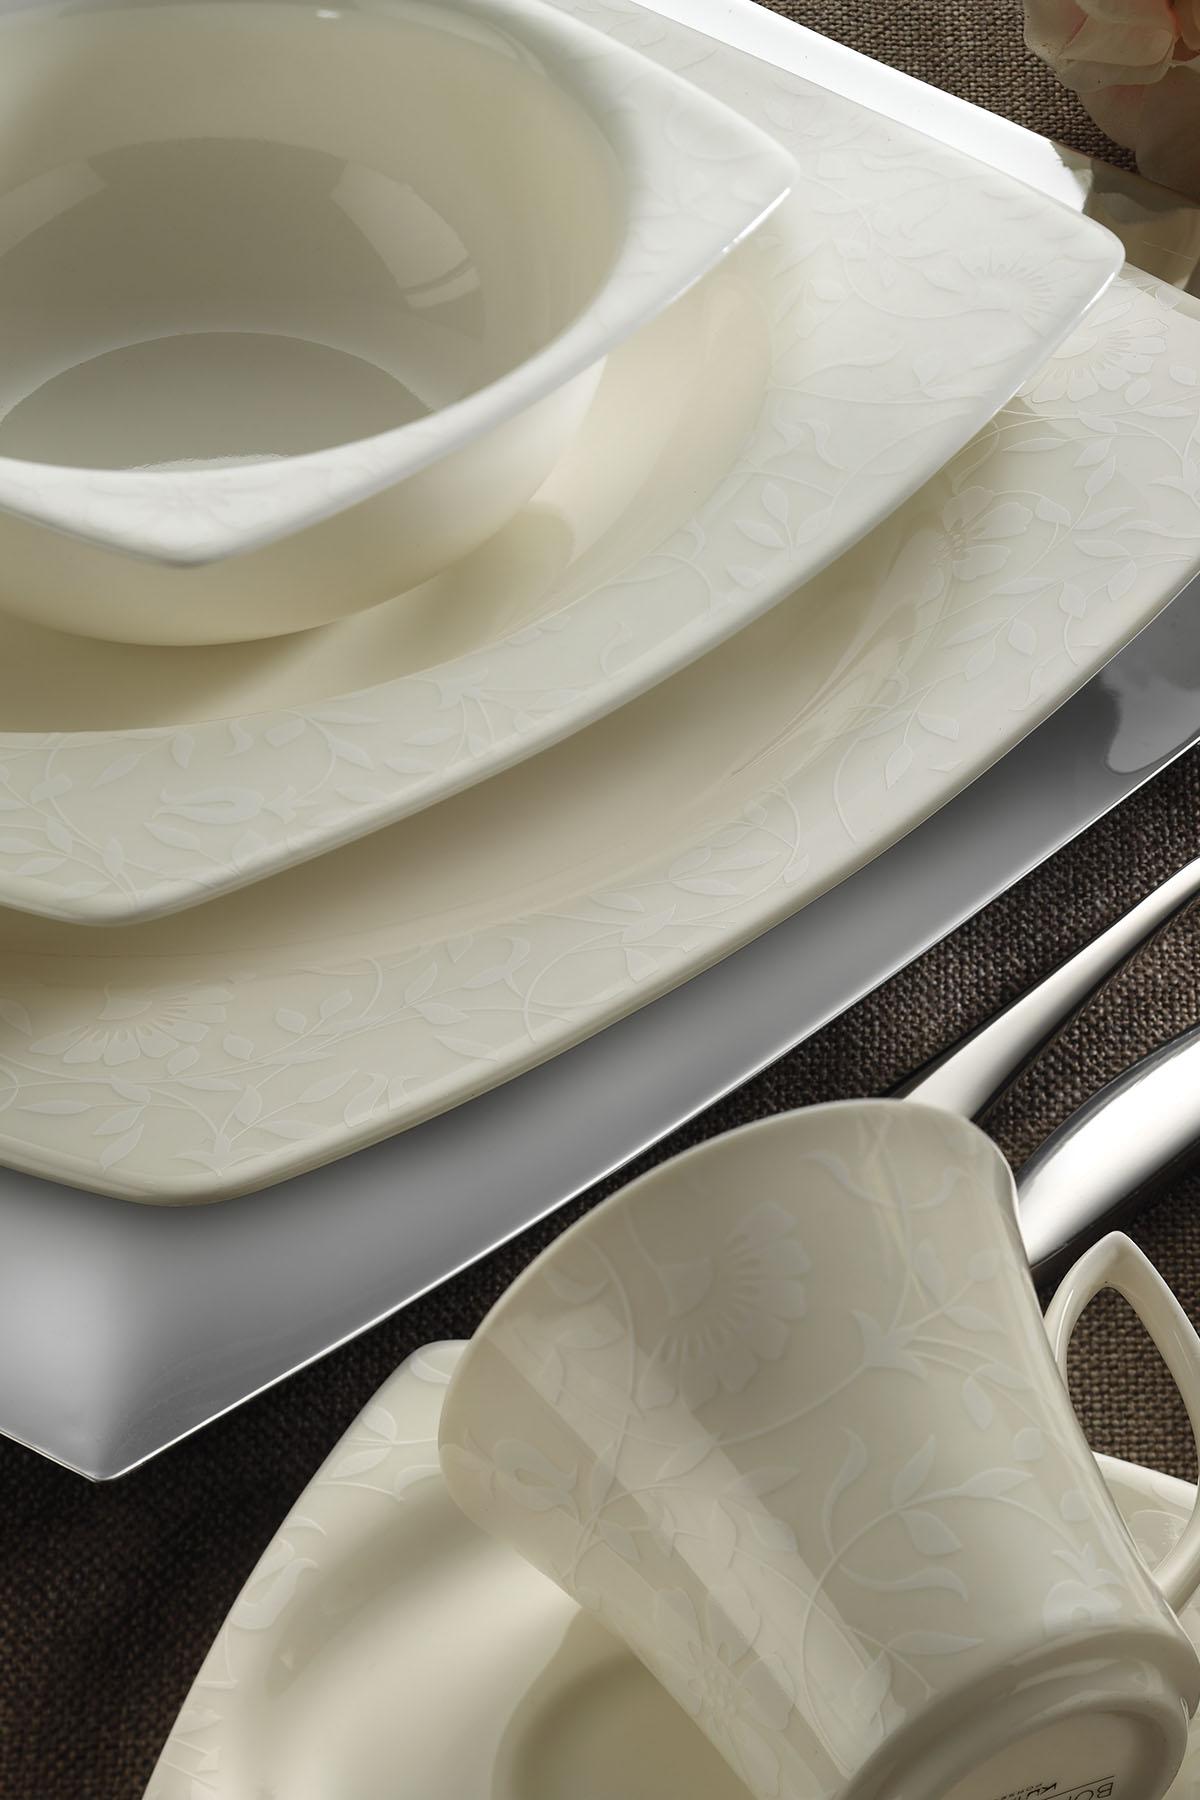 BONAMORE - Kütahya Porselen Bone Mare 68 Parça 9849 Desenli Yemek Takımı